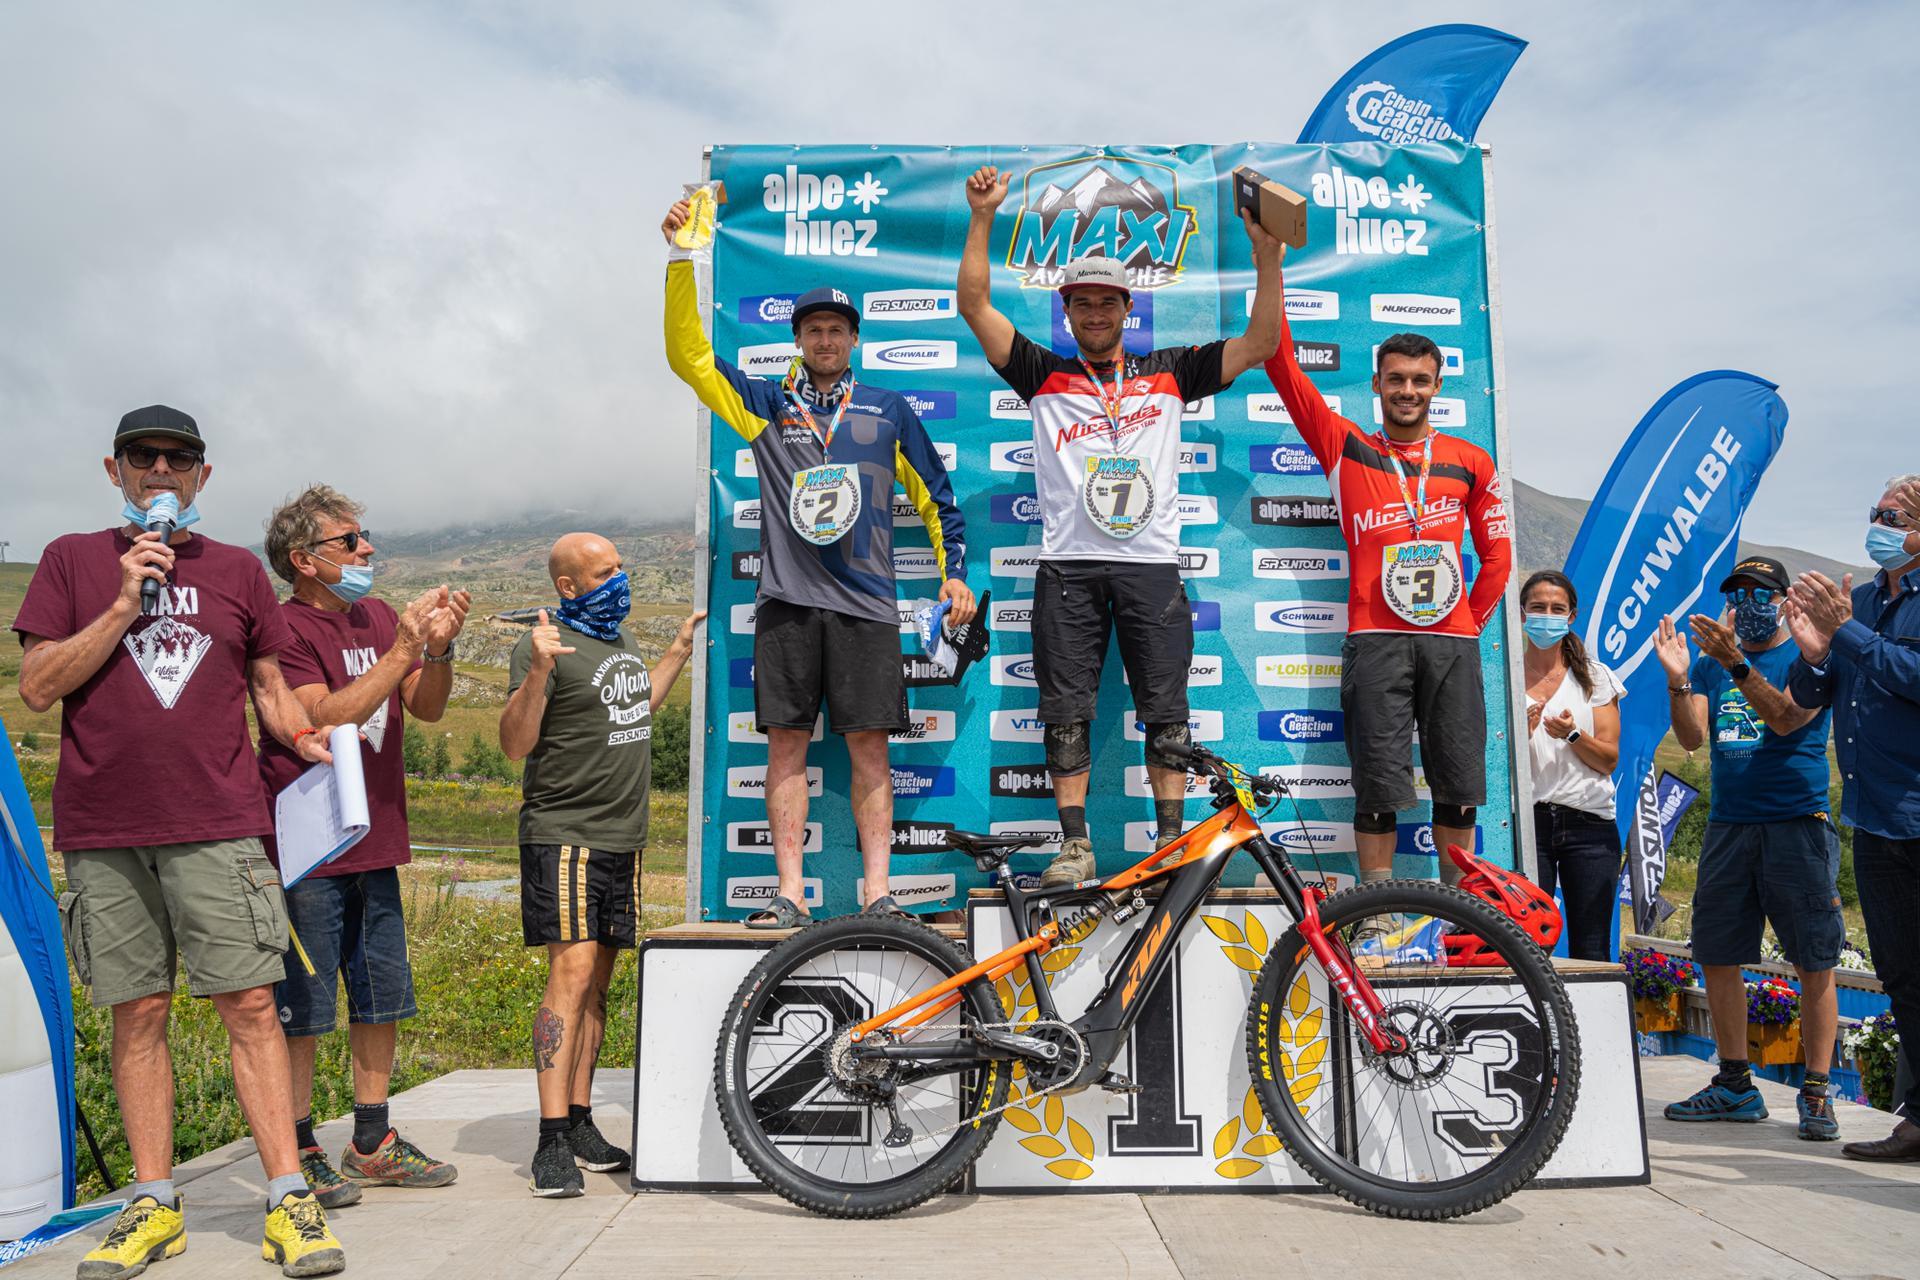 Miranda Factory Team volta a vencer em Alpe D´Huez